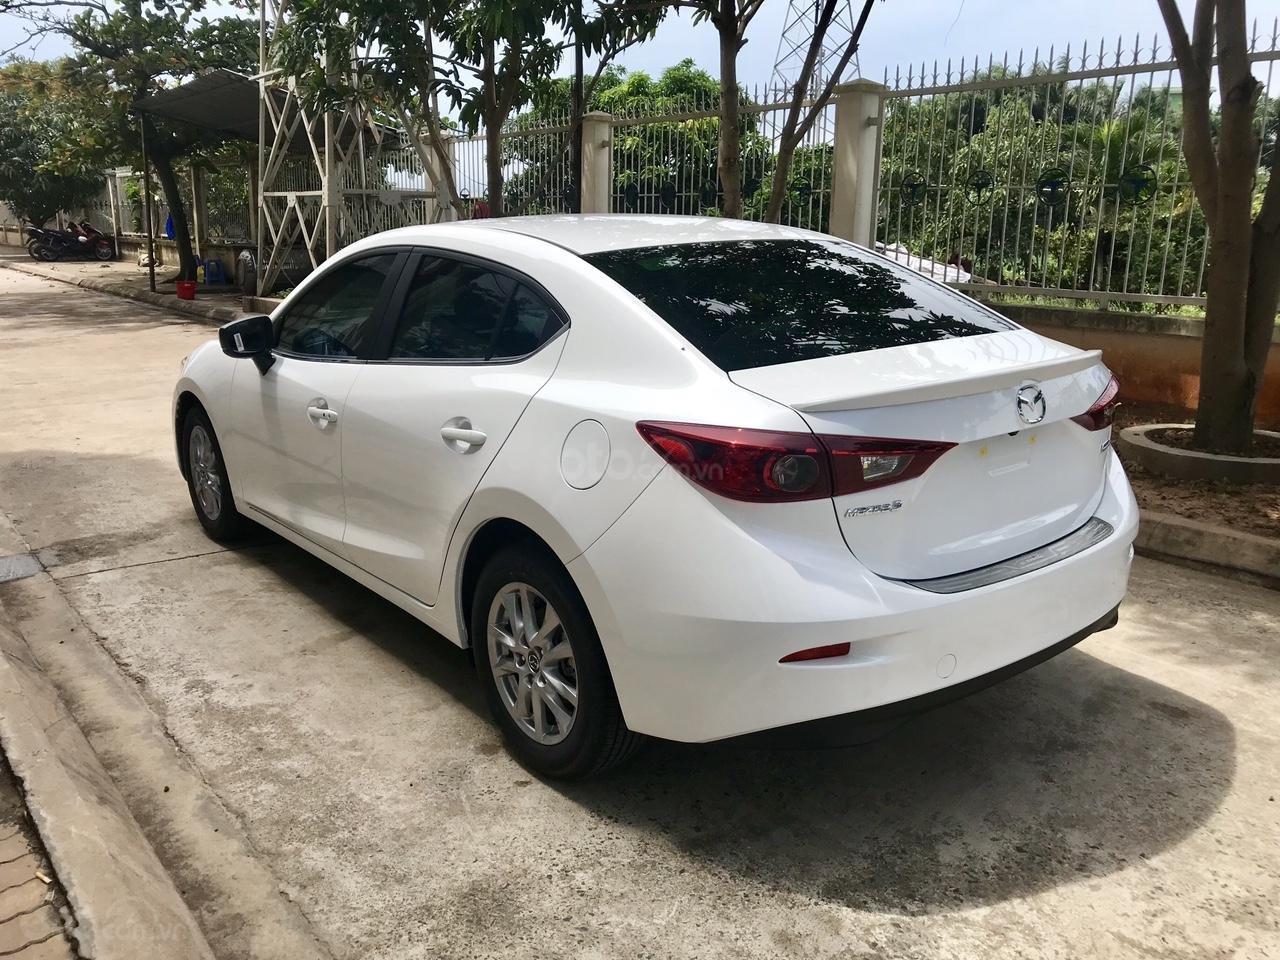 Bán xe Mazda 3 2019 ưu đãi tốt trong tháng LH: 0938 906 560 Mr. Giang (6)